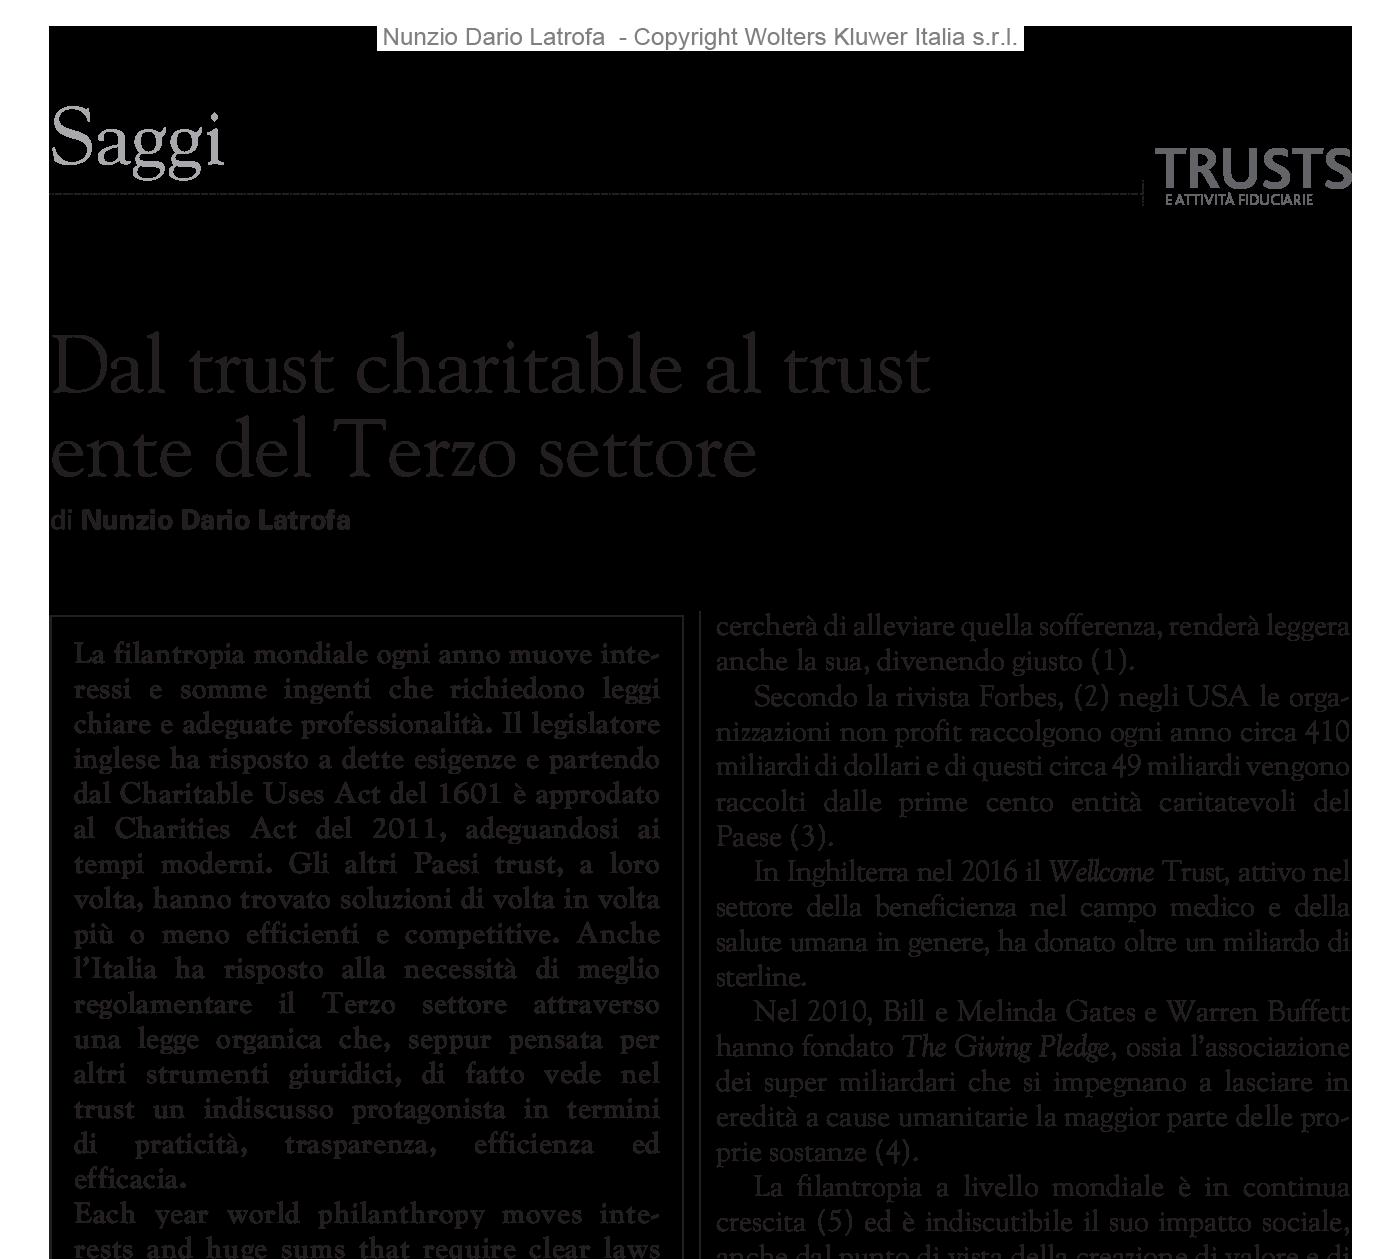 DAL-TRUST-CHARITABLE-AL-TRUST-ENTE-DEL-TERZO-SETTORE